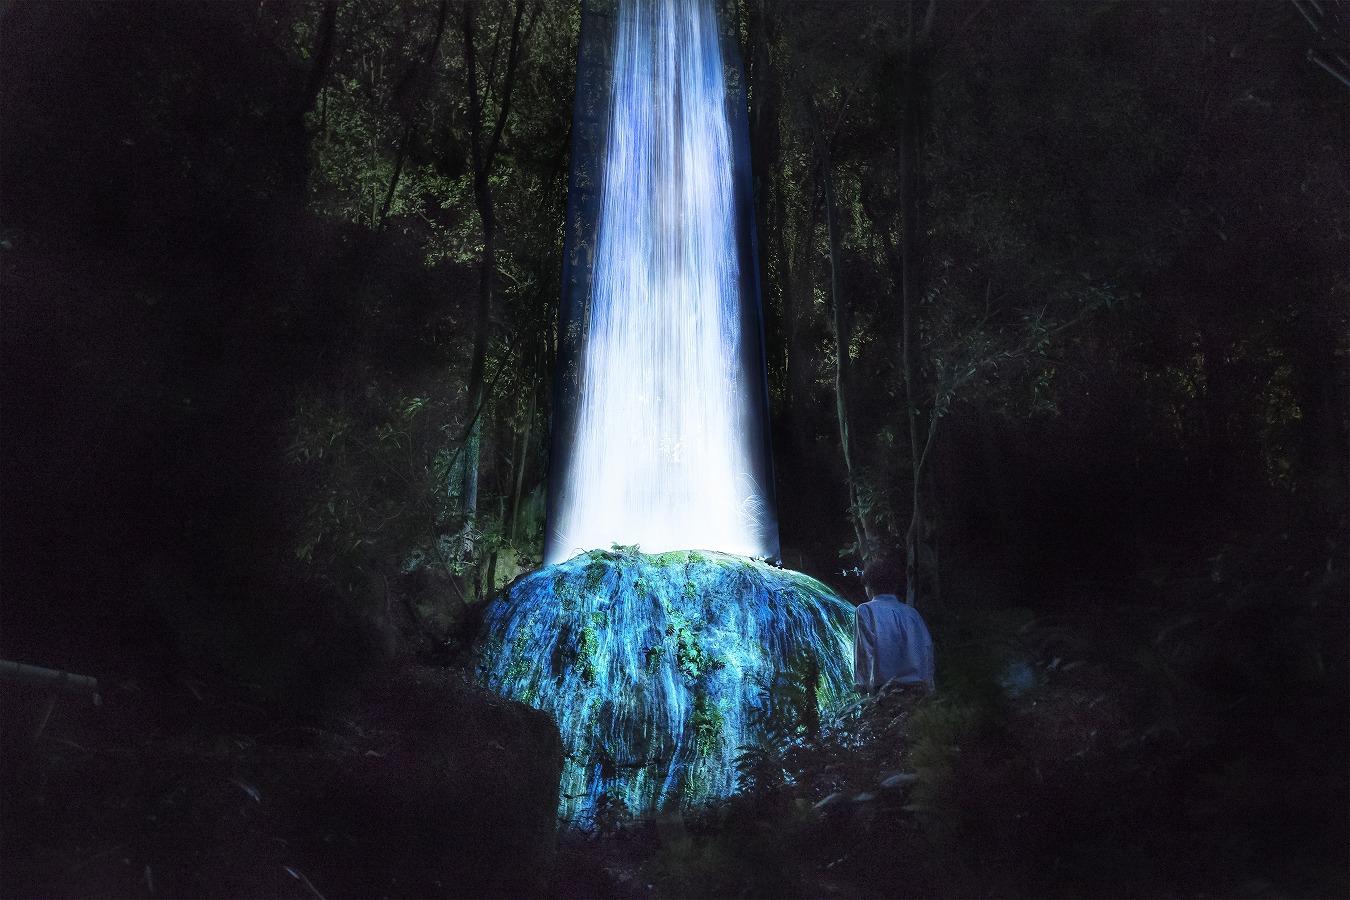 3Days 満ち て ゆく 刻 の 彼方 で 開幕》「チームラボ かみさまがすまう森の廃墟と遺跡 – the